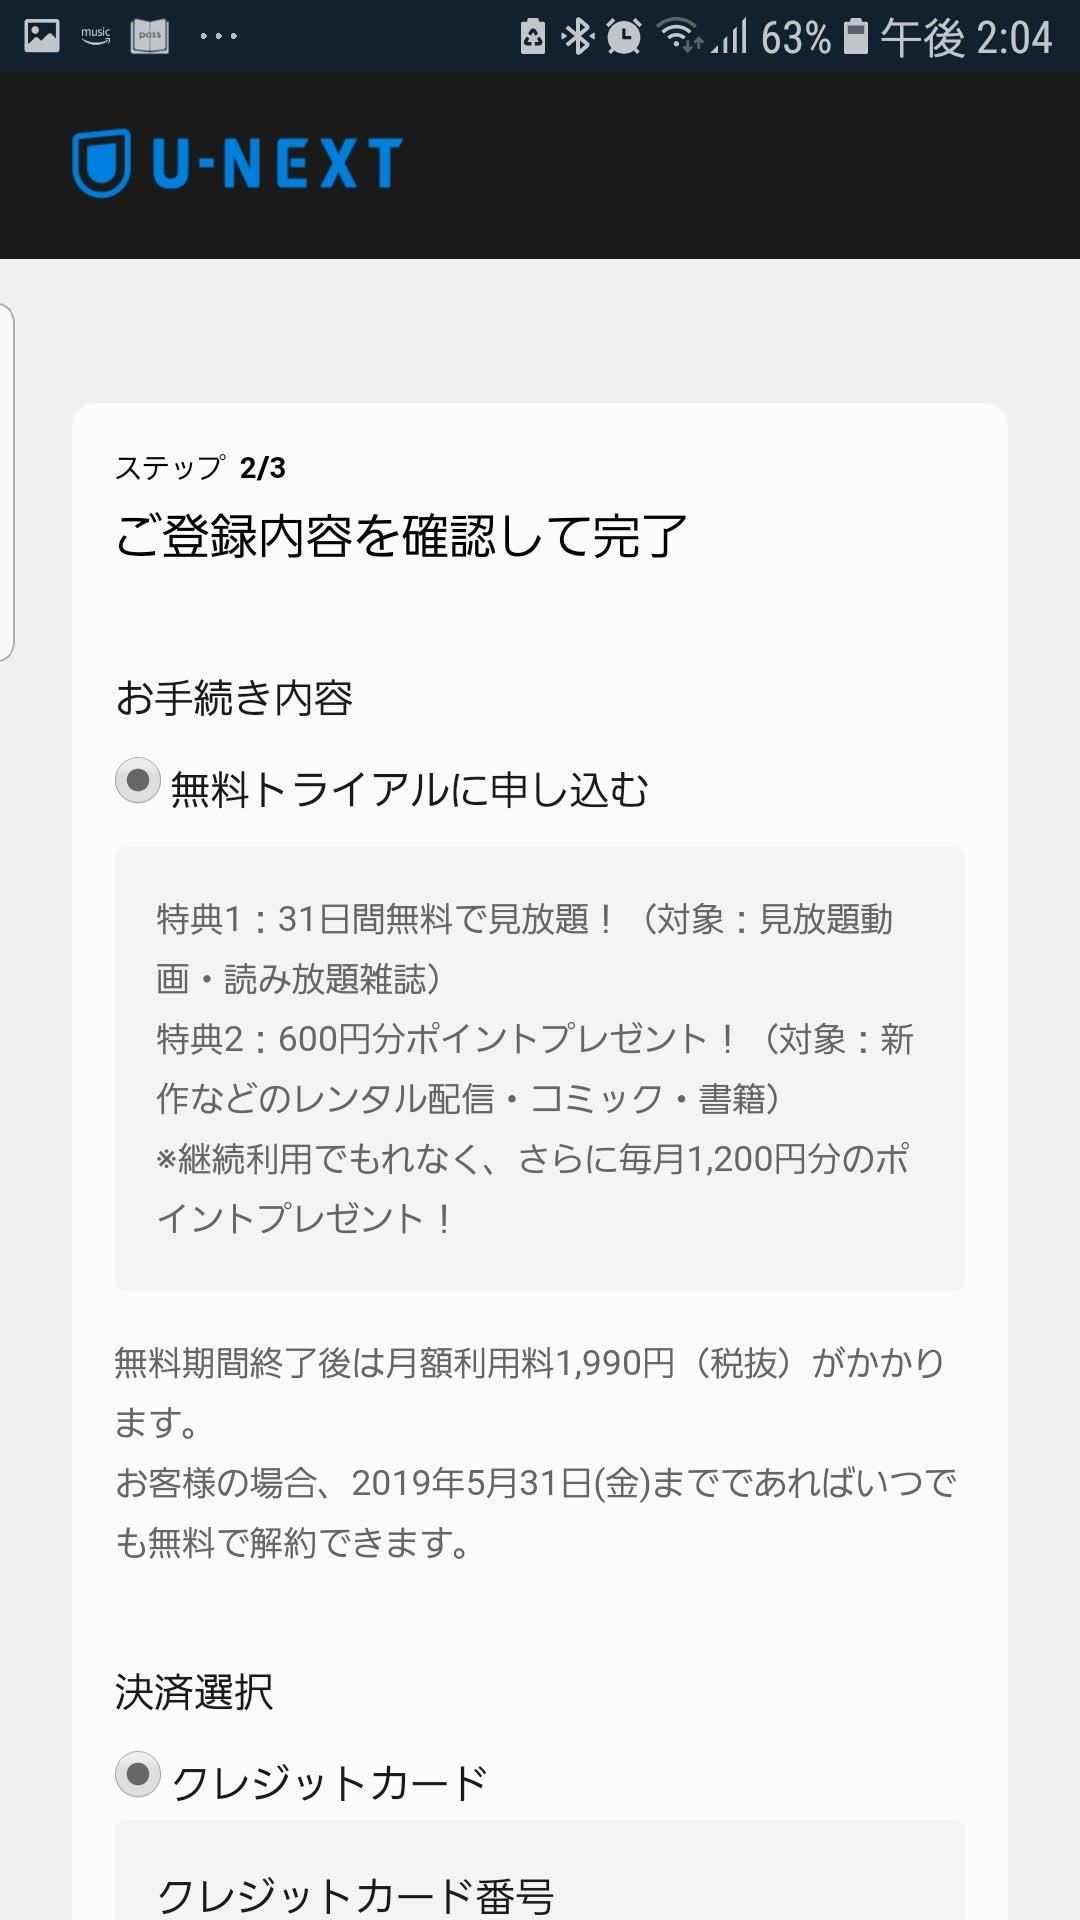 U-NEXT支払い方法の選択画面